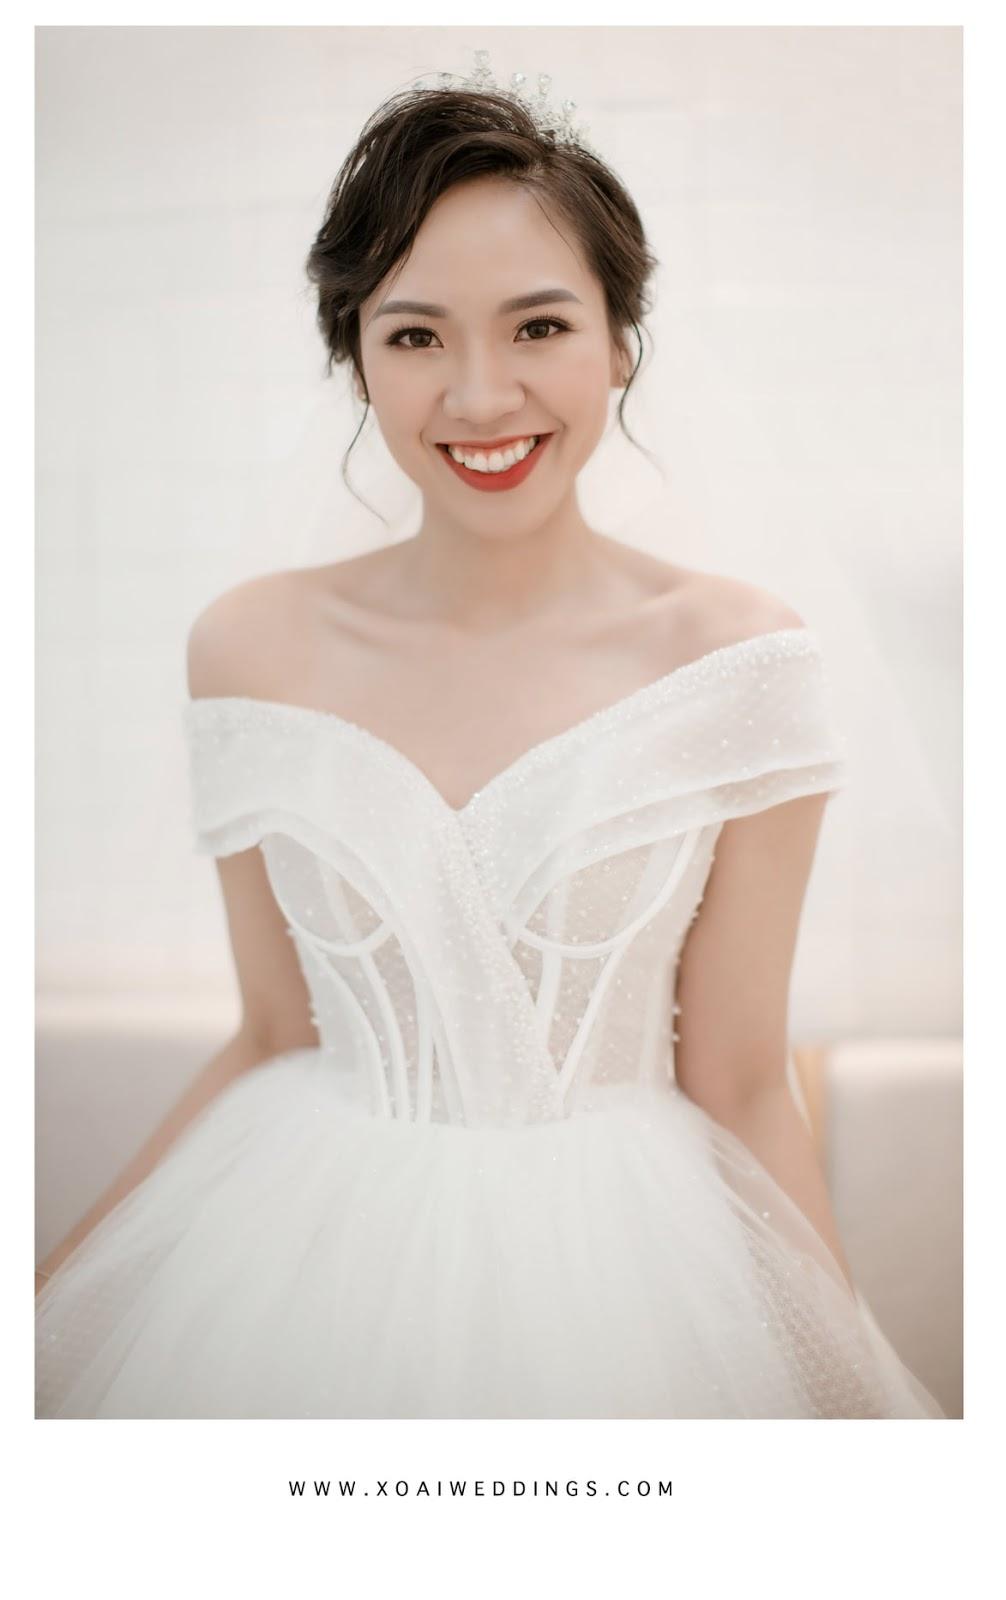 Lựa chọn mẫu váy cưới phù hợp với từng dáng người